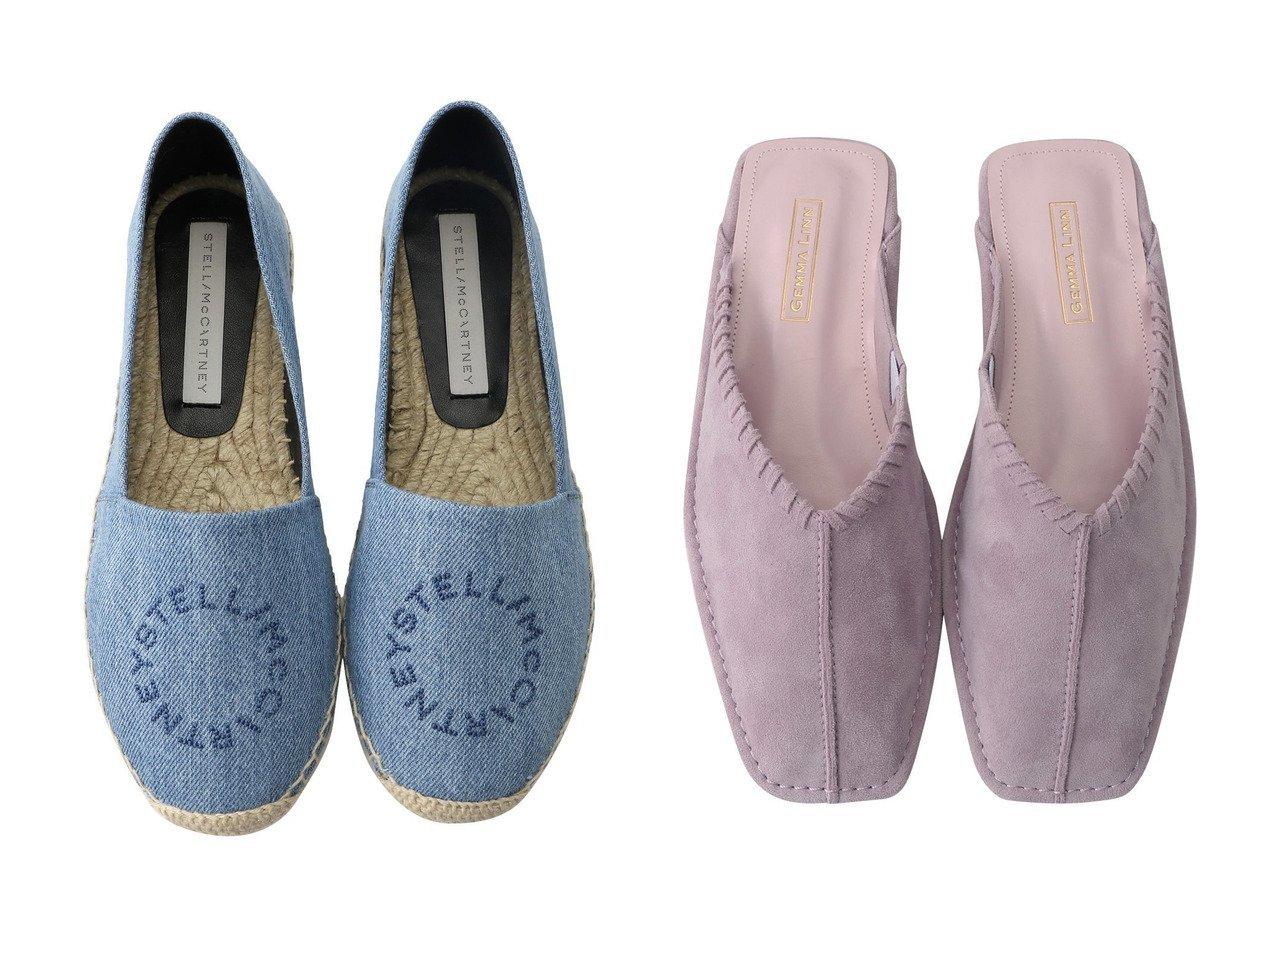 【Daniella & GEMMA/ダニエラ アンド ジェマ】のステッチモチーフラットサンダル&【STELLA McCARTNEY/ステラ マッカートニー】のSelene Organic Denim エスパドリーユ 【シューズ・靴】おすすめ!人気、トレンド・レディースファッションの通販  おすすめで人気の流行・トレンド、ファッションの通販商品 メンズファッション・キッズファッション・インテリア・家具・レディースファッション・服の通販 founy(ファニー) https://founy.com/ ファッション Fashion レディースファッション WOMEN おすすめ Recommend シューズ デニム フラット フロント サンダル |ID:crp329100000032101